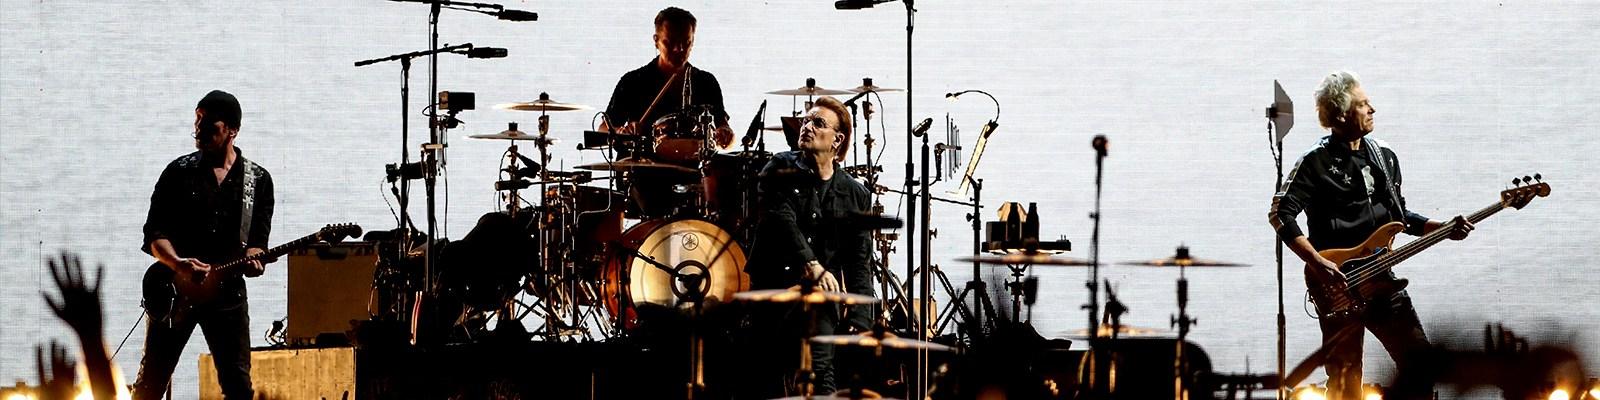 The Best U2 Songs, Ranked